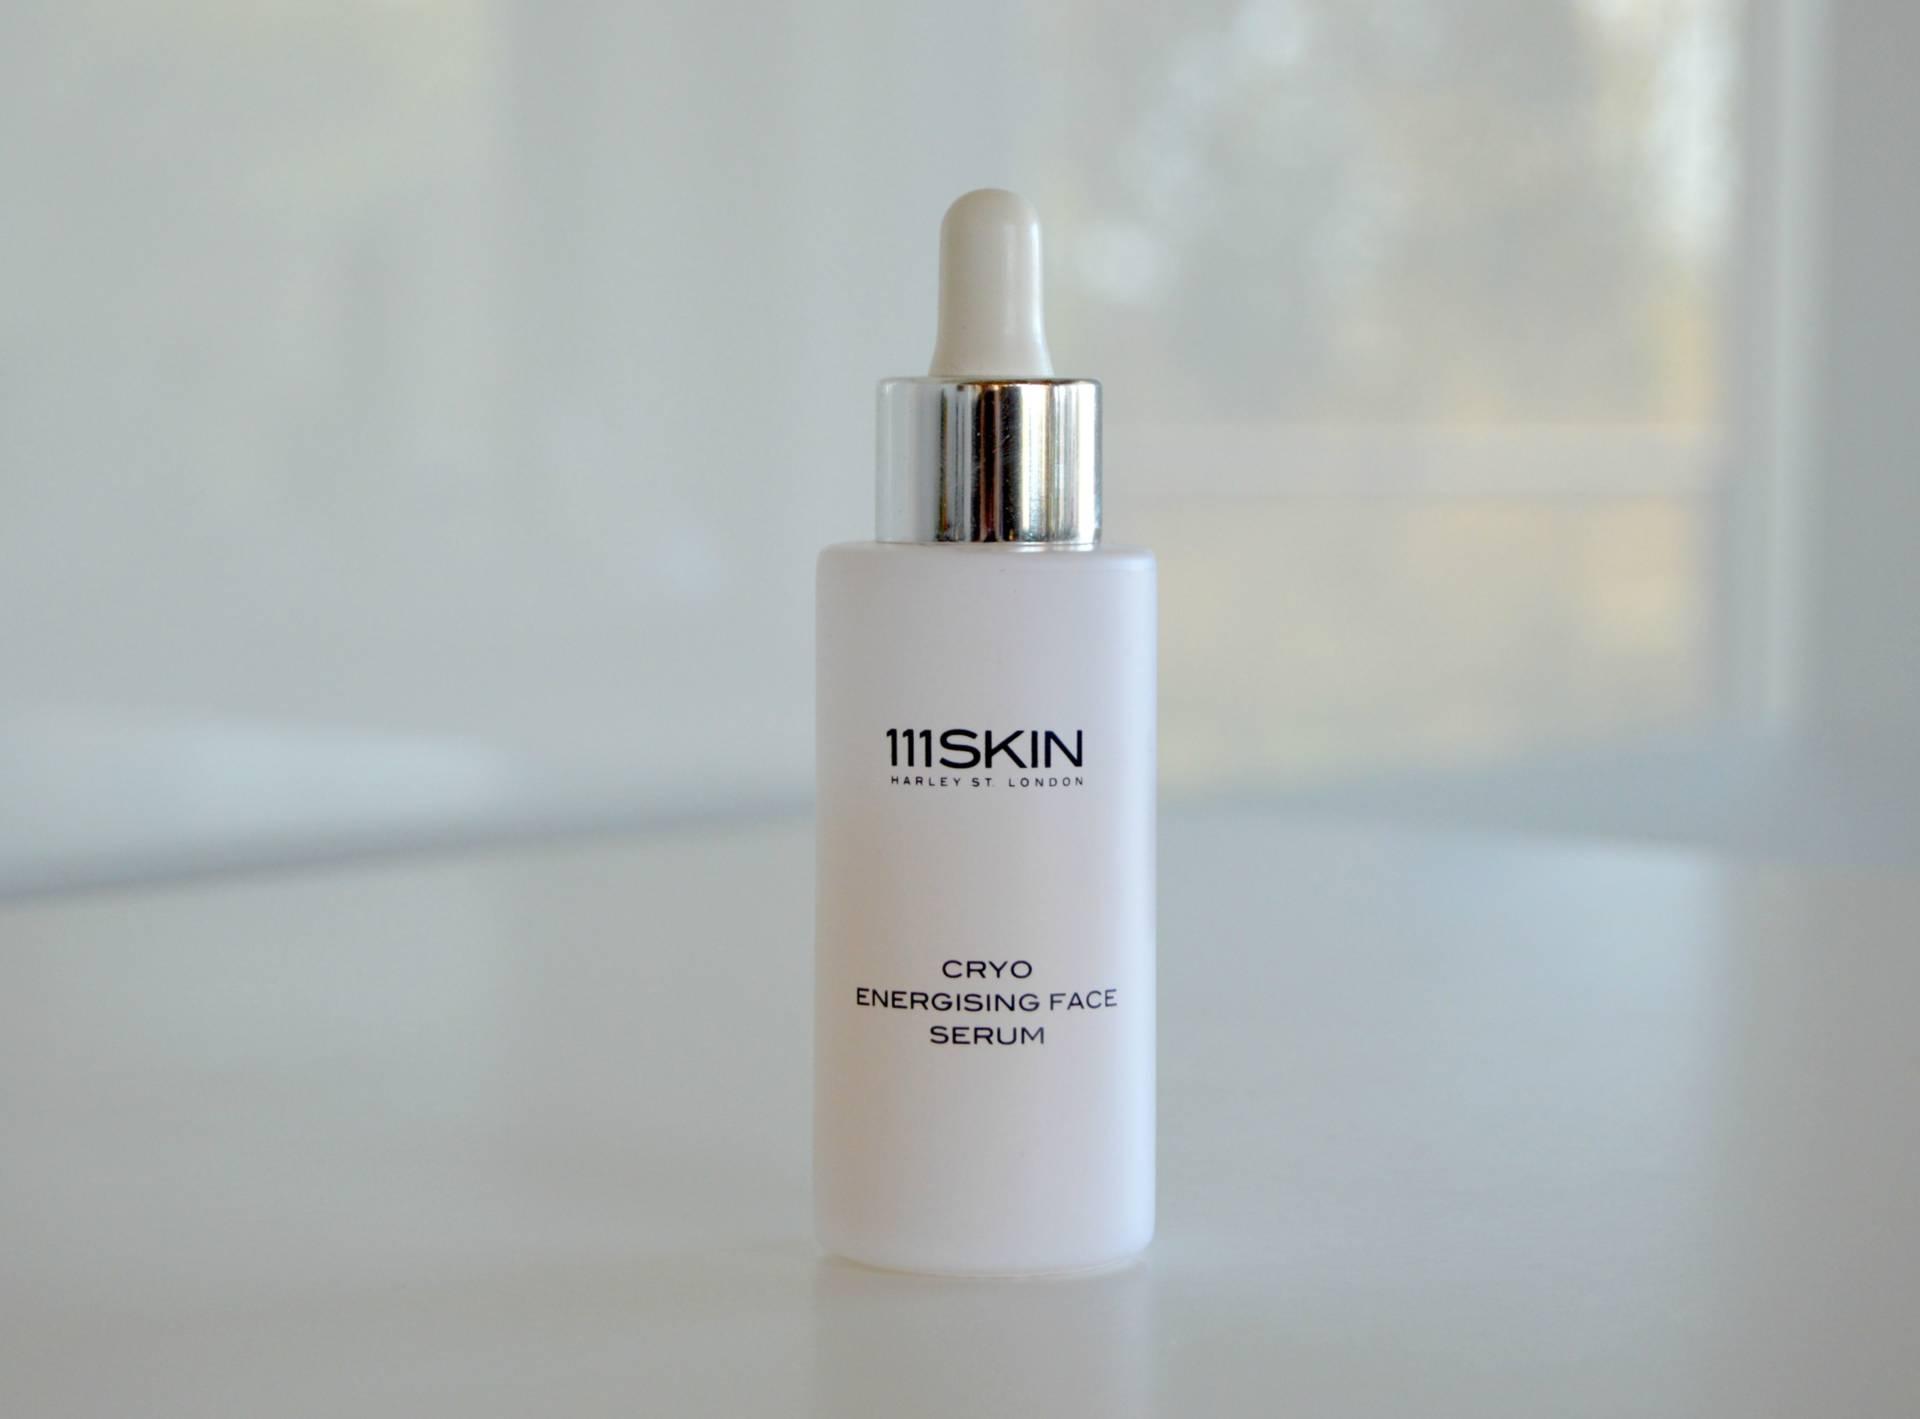 111skin-cryo-energising-face-serum-inhautepursuit-review